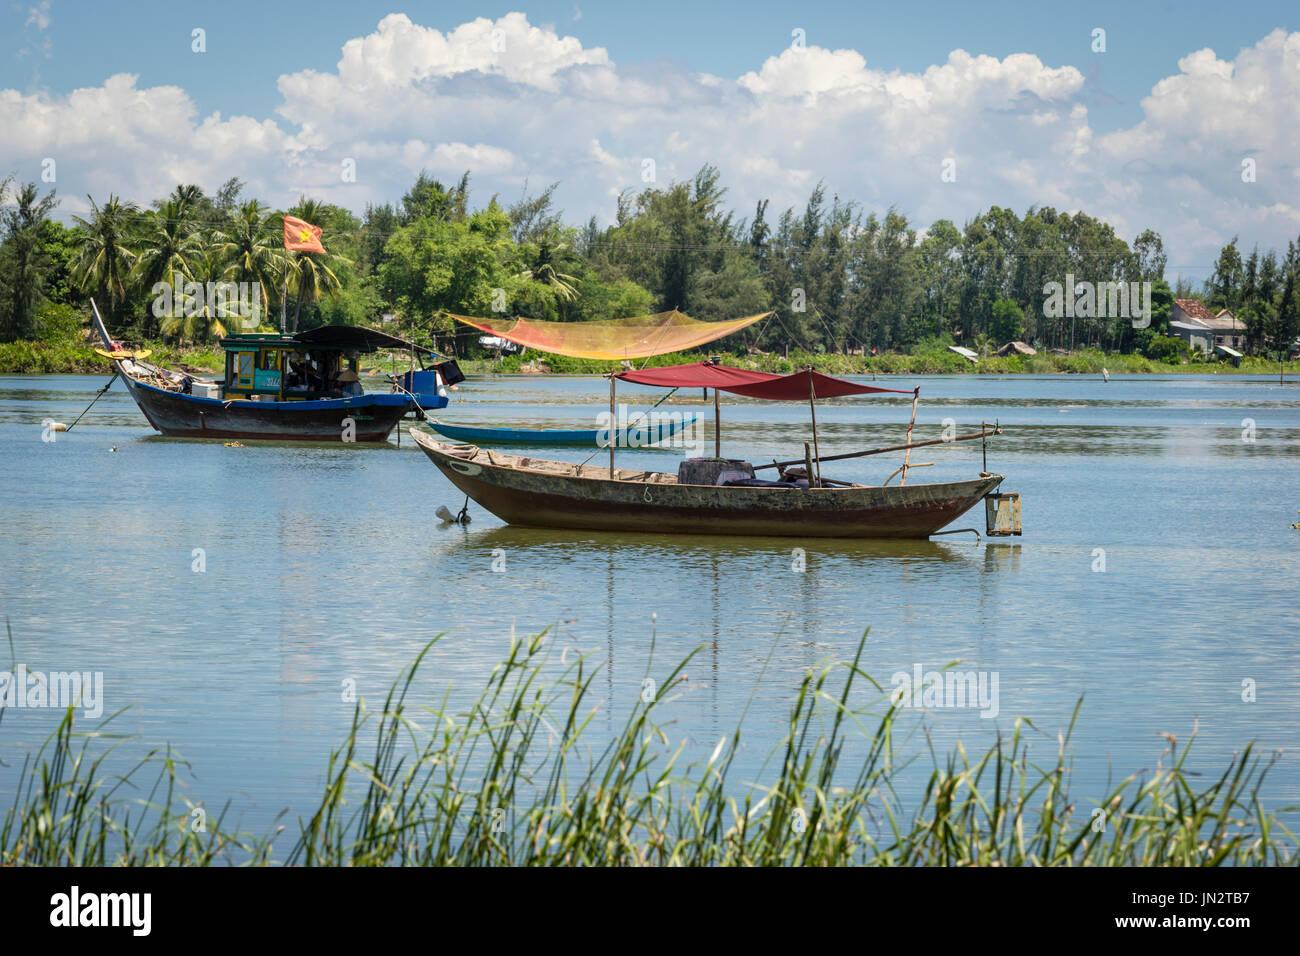 Bateau de pêche vietnamiens à l'ancienne ligne et bateau amarré sur la rivière Thu Bon à l'extérieur de Hoi An Vietnam Photo Stock